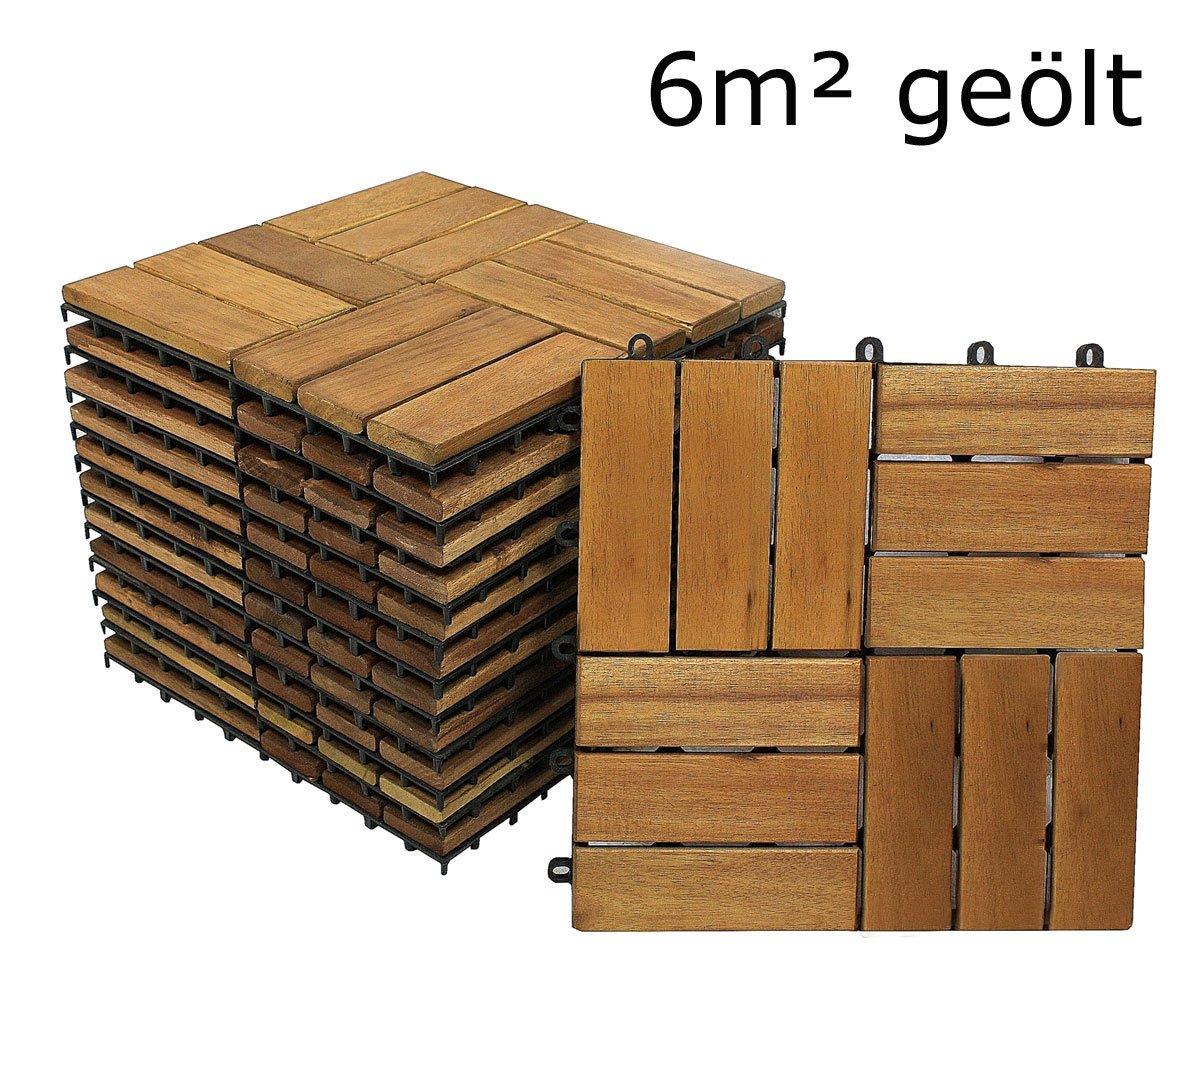 SAM® Terrassenfliese 02 aus Akazien-Holz, FSC, 66er Spar-Set für 6 m², Garten-Fliese in 30 x 30 cm, Bodenbelag mit Drainage, Klick-Fliesen für Terrasse Garten Balkon, Terrassenbelag im Mosaik-Muster